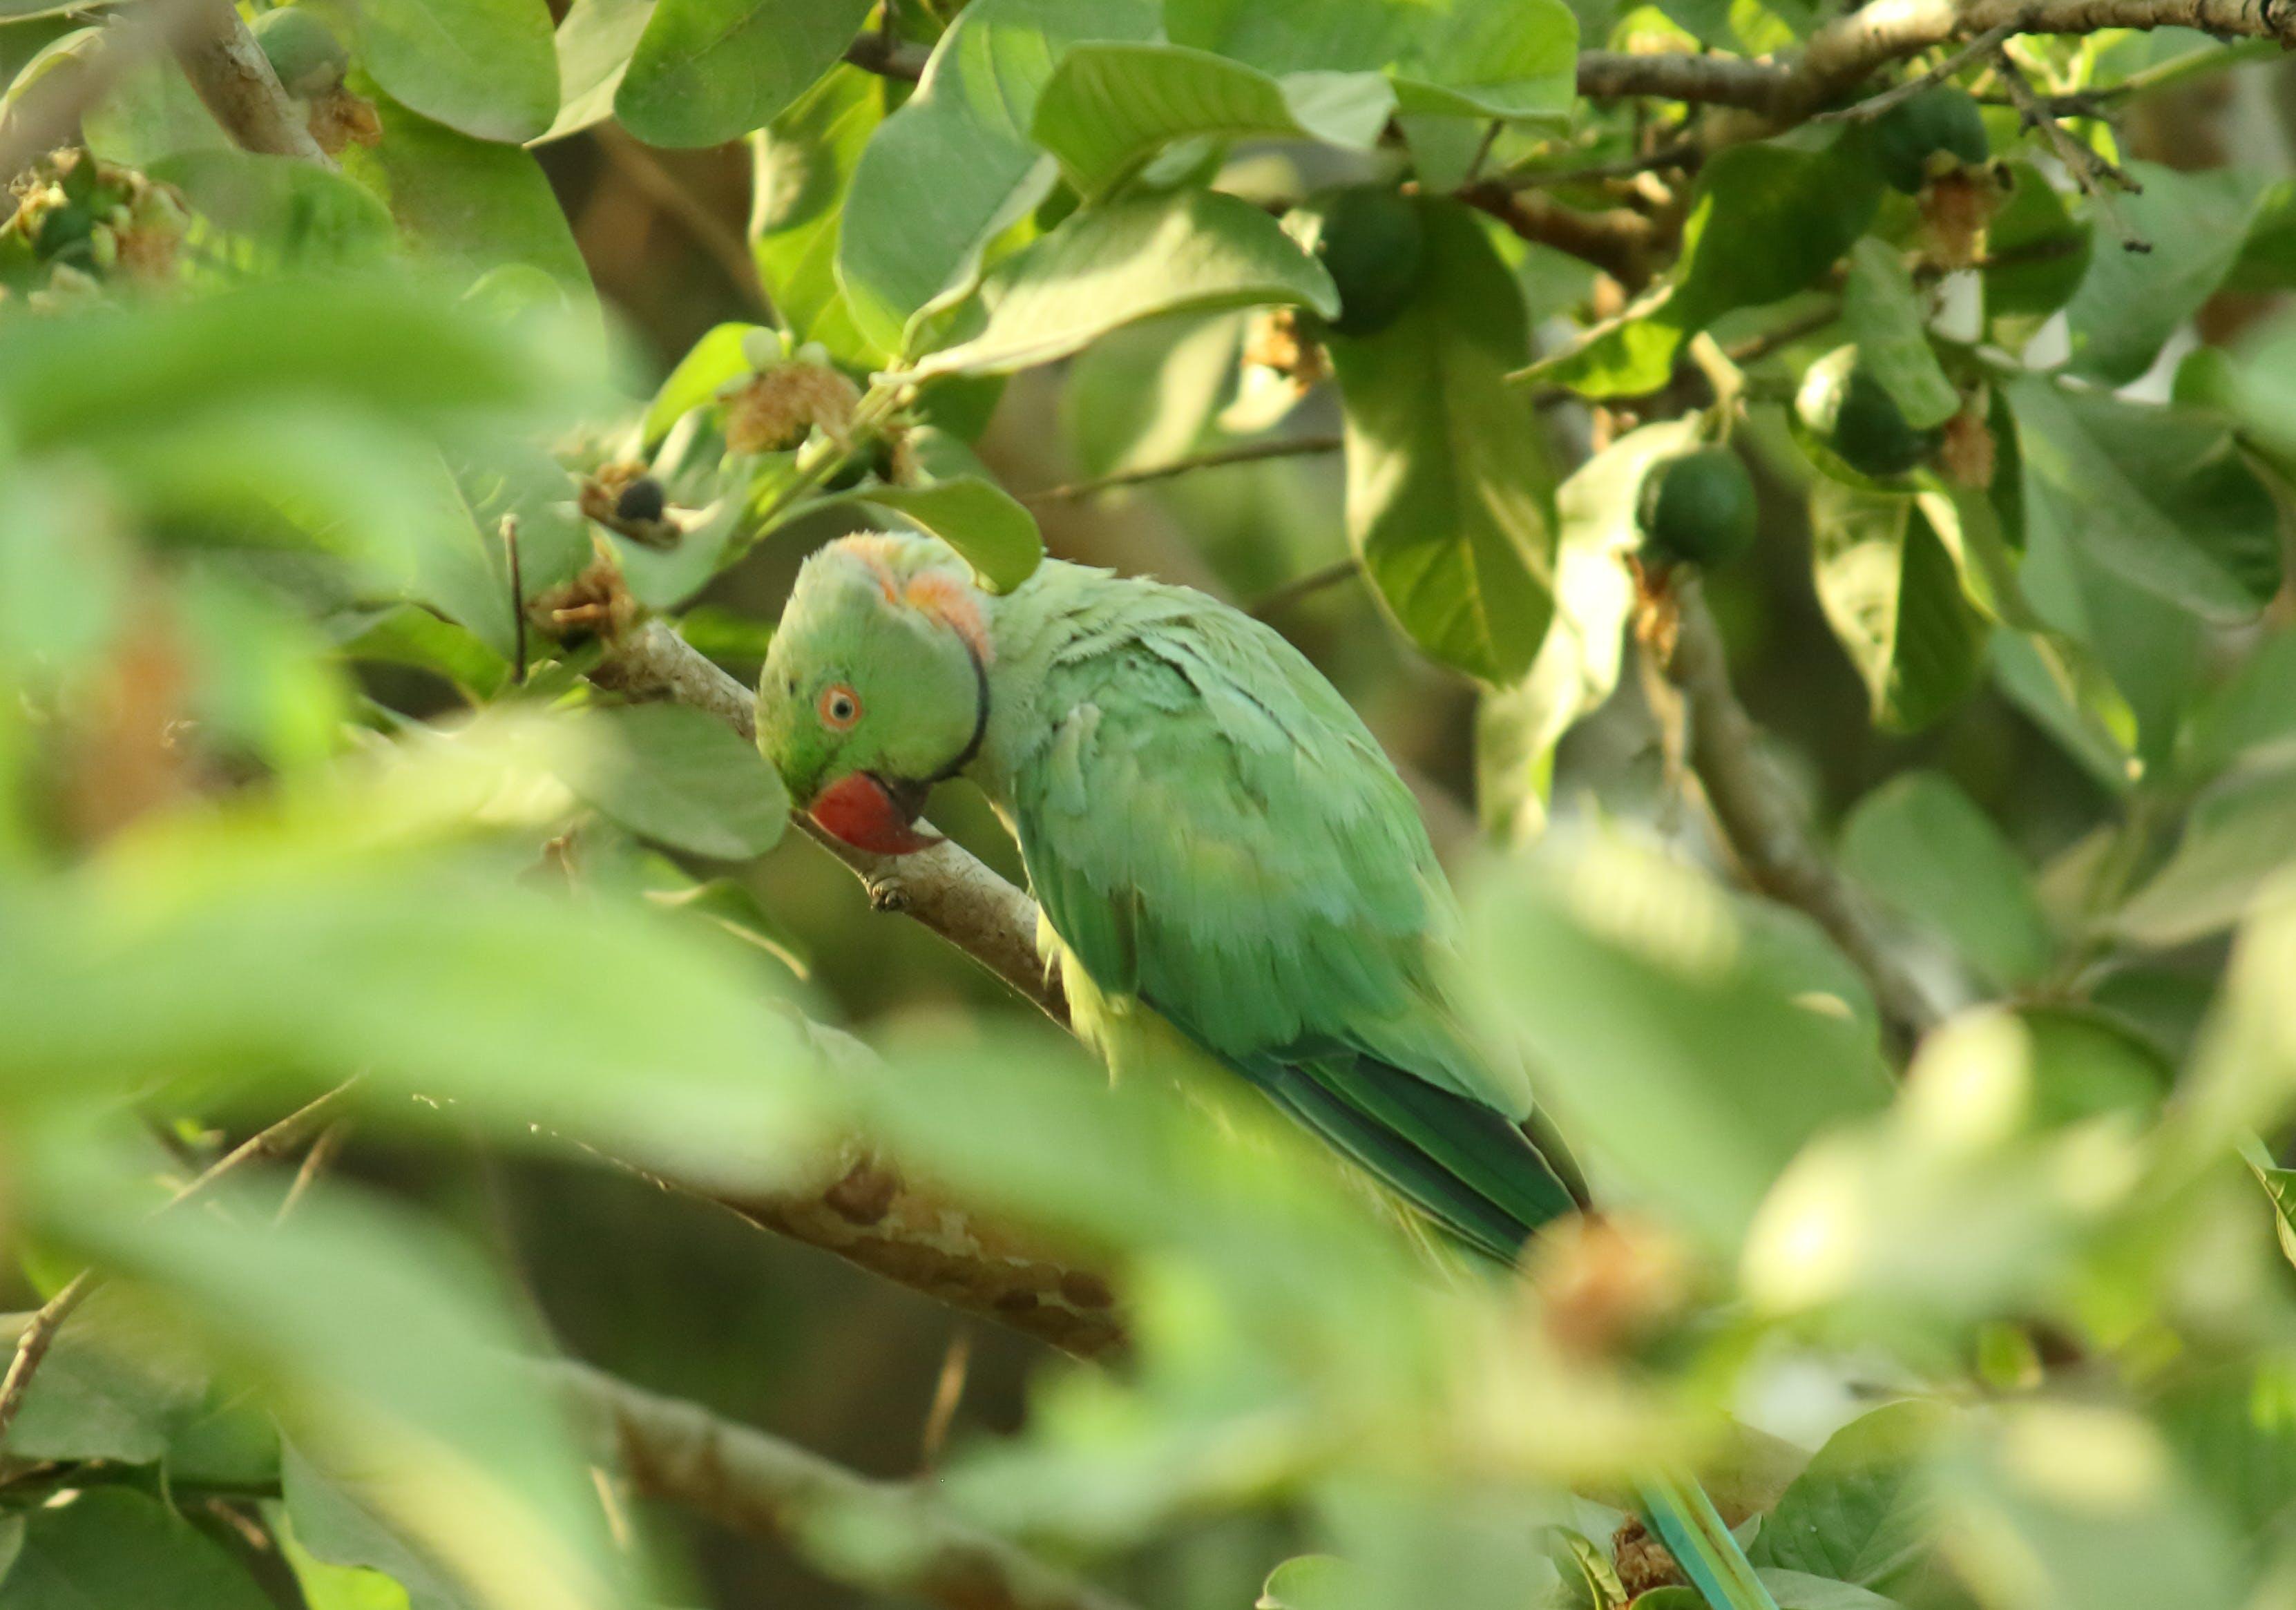 Gratis stockfoto met #parrot #bird #birds #parrots #birdsofinstagram, #parrotsofinstagram #pet #animals #love #cute #ani, #petsofinstagram #parrotlover #macaw #cockatoo #in, #udaipur #greenery #parrot